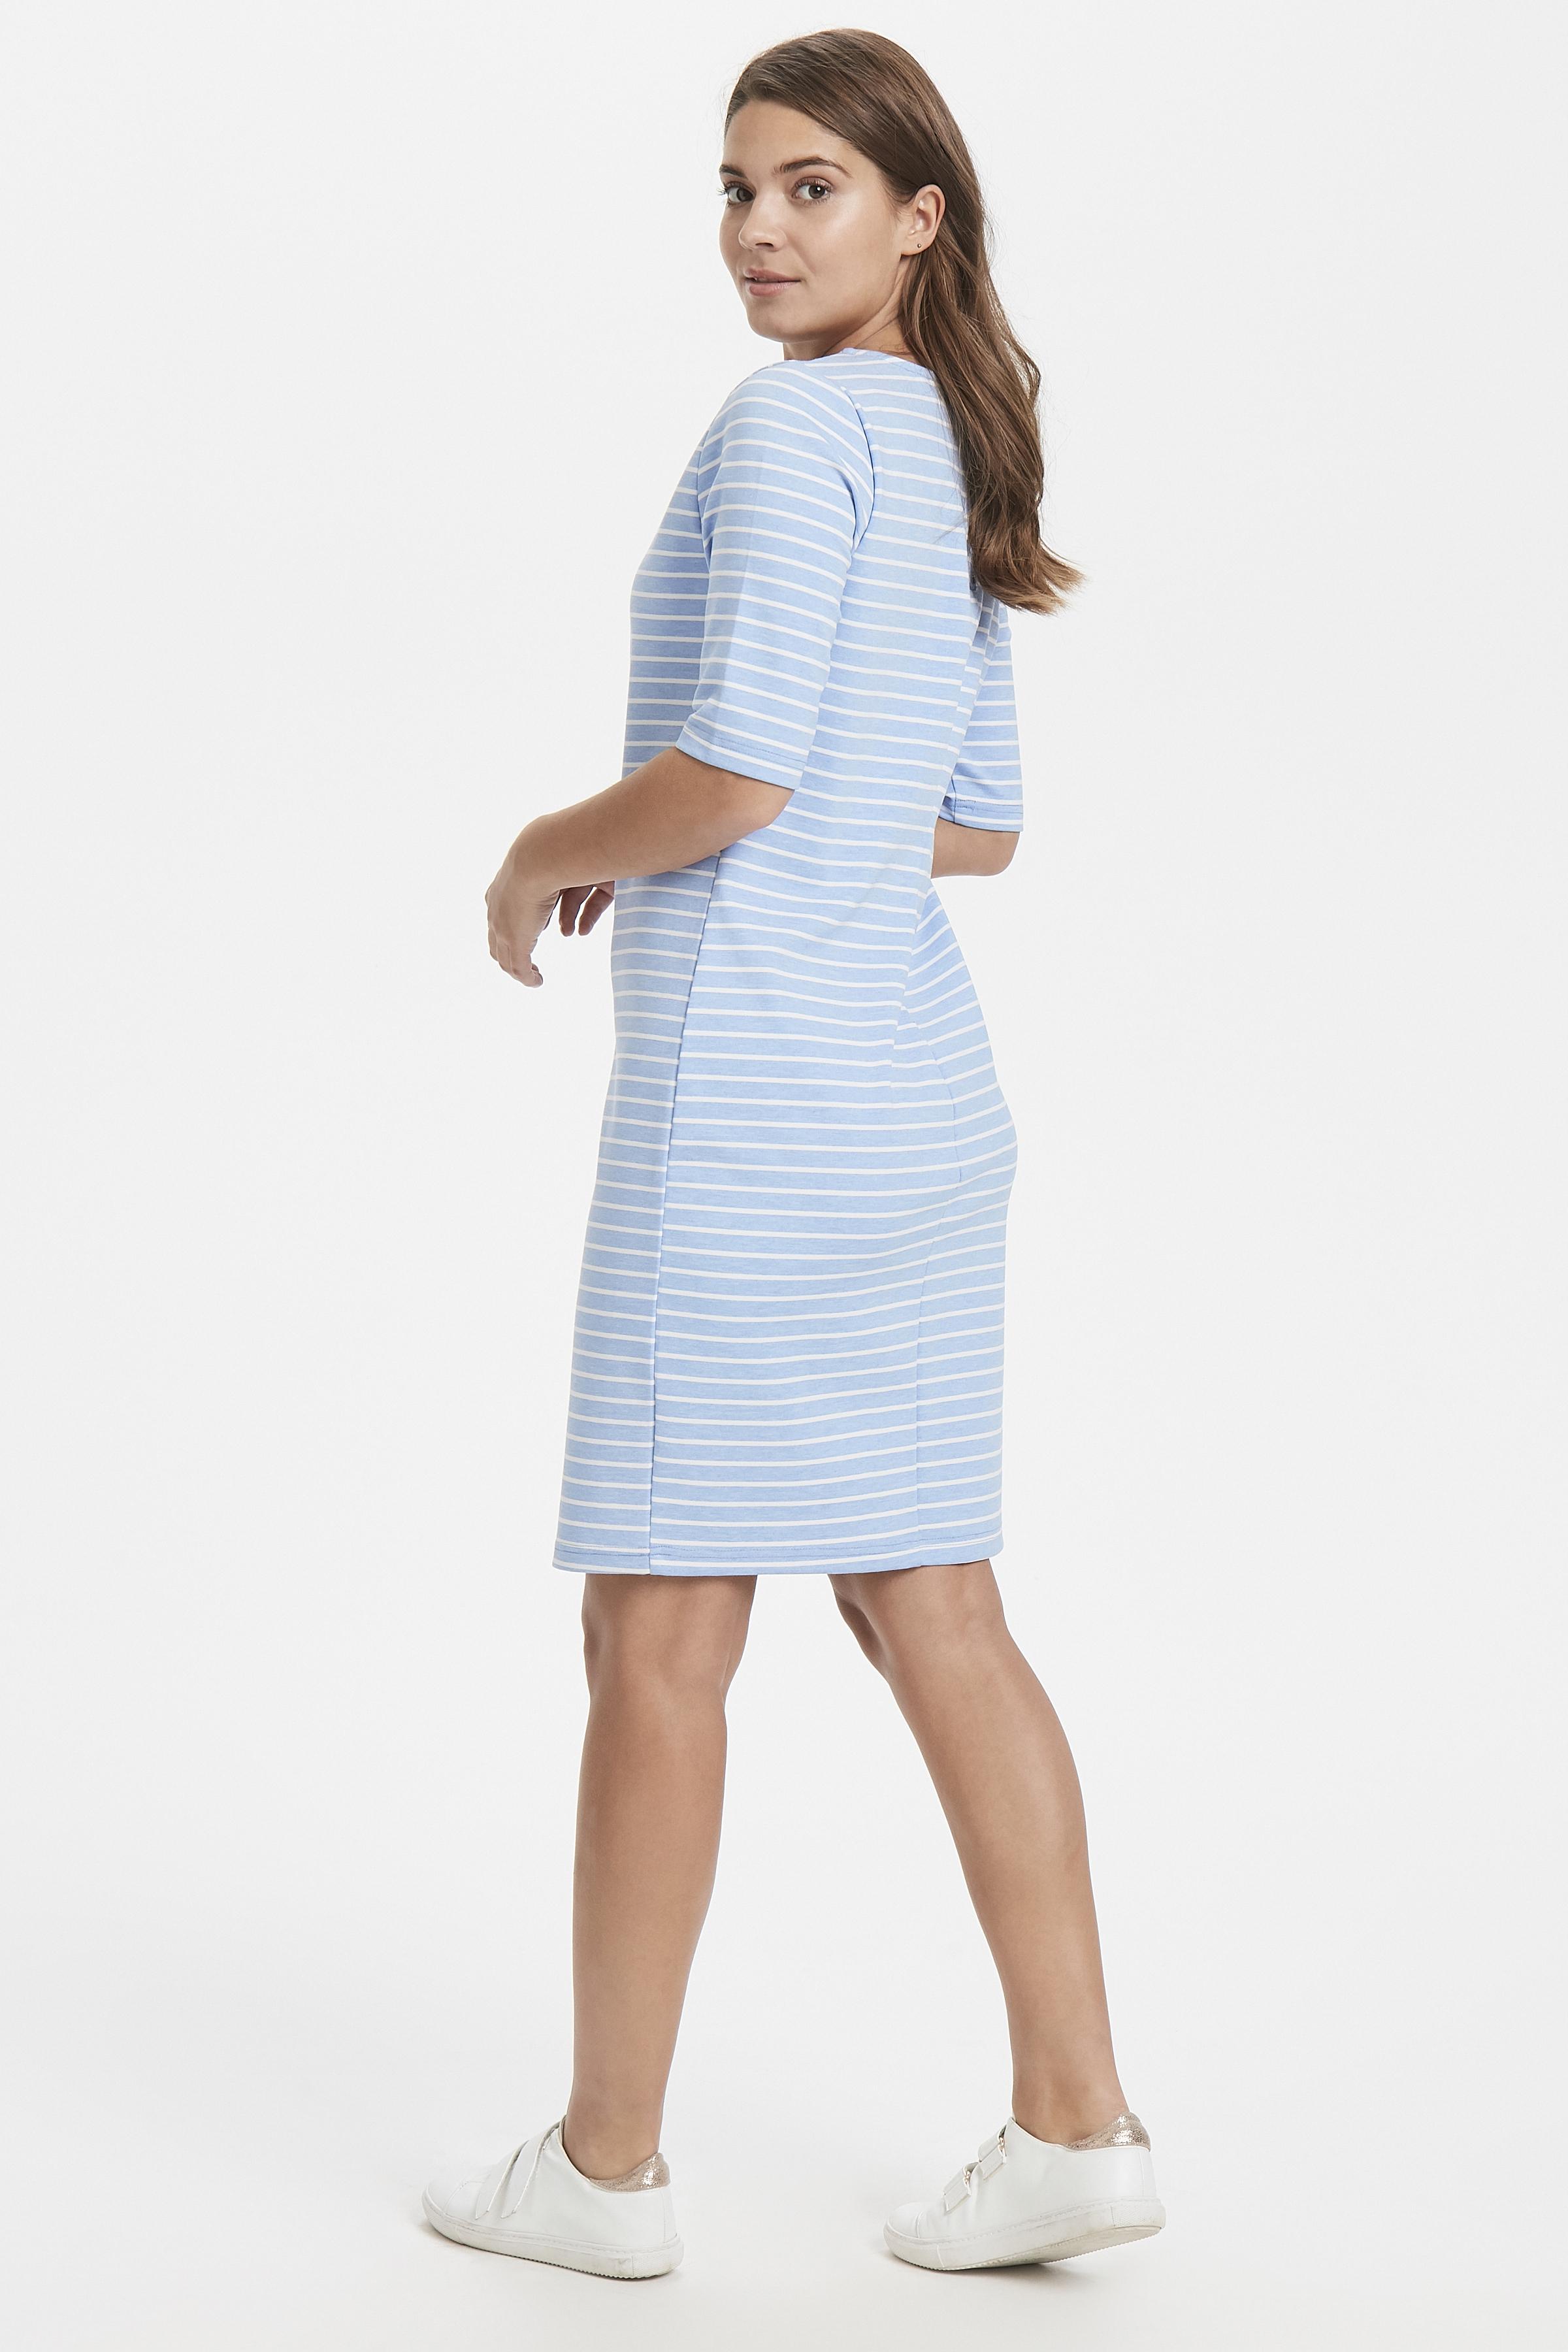 Cornflower Blue Mel. Stripe Kleid von b.young – Kaufen Sie Cornflower Blue Mel. Stripe Kleid aus Größe S-XXL hier